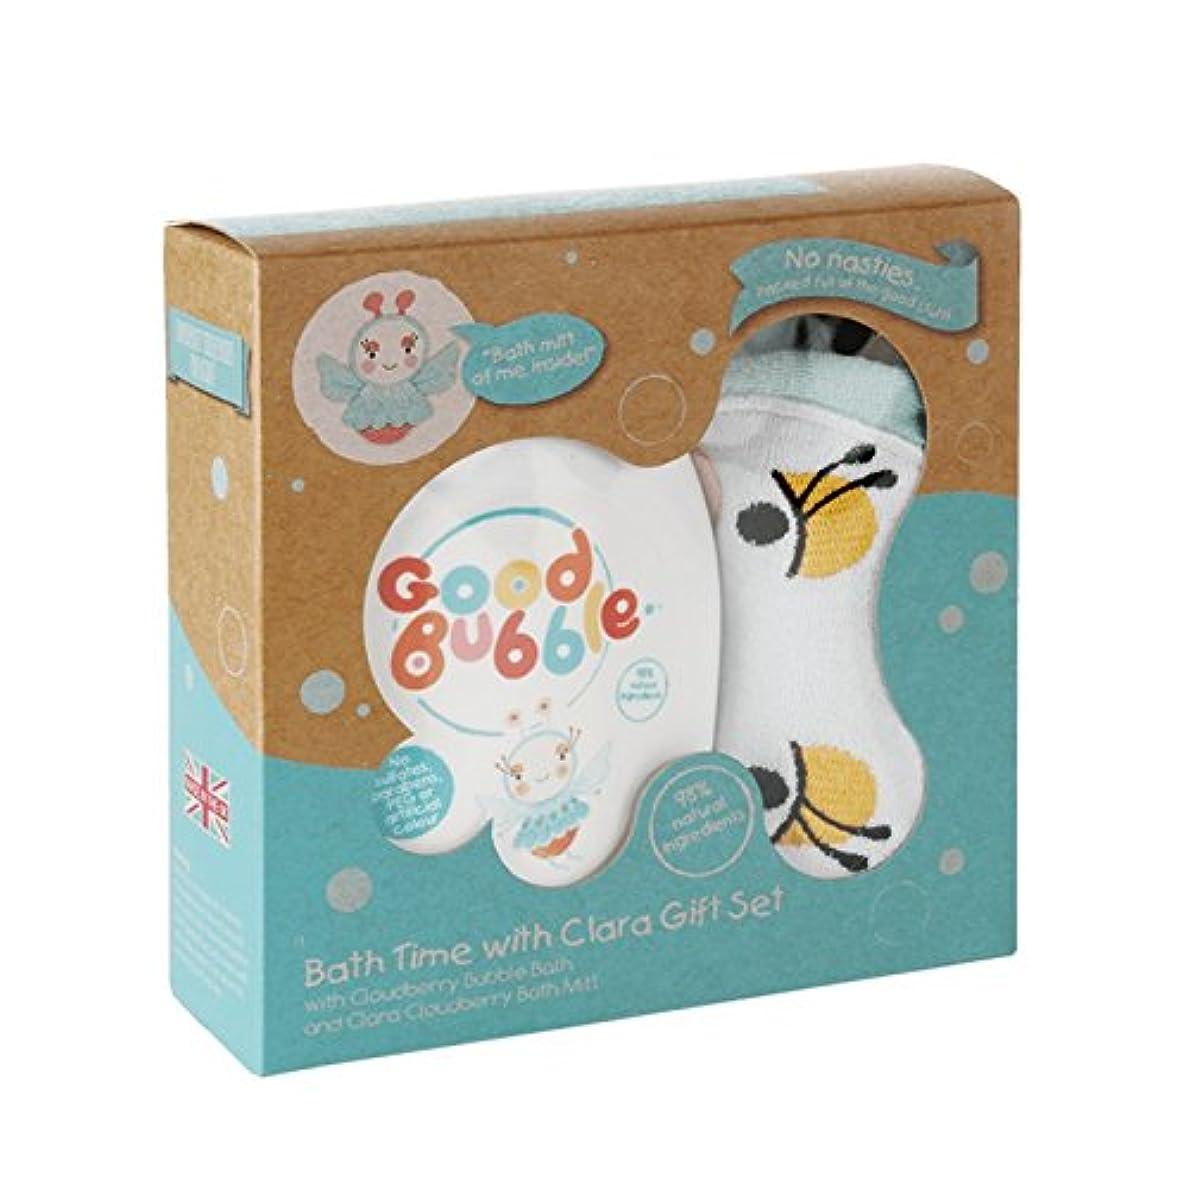 呼ぶ液化する口ひげGood Bubble Clara Cloudberry Gift Set 550g (Pack of 2) - 良いバブルクララクラウドベリーギフトセット550グラム (x2) [並行輸入品]